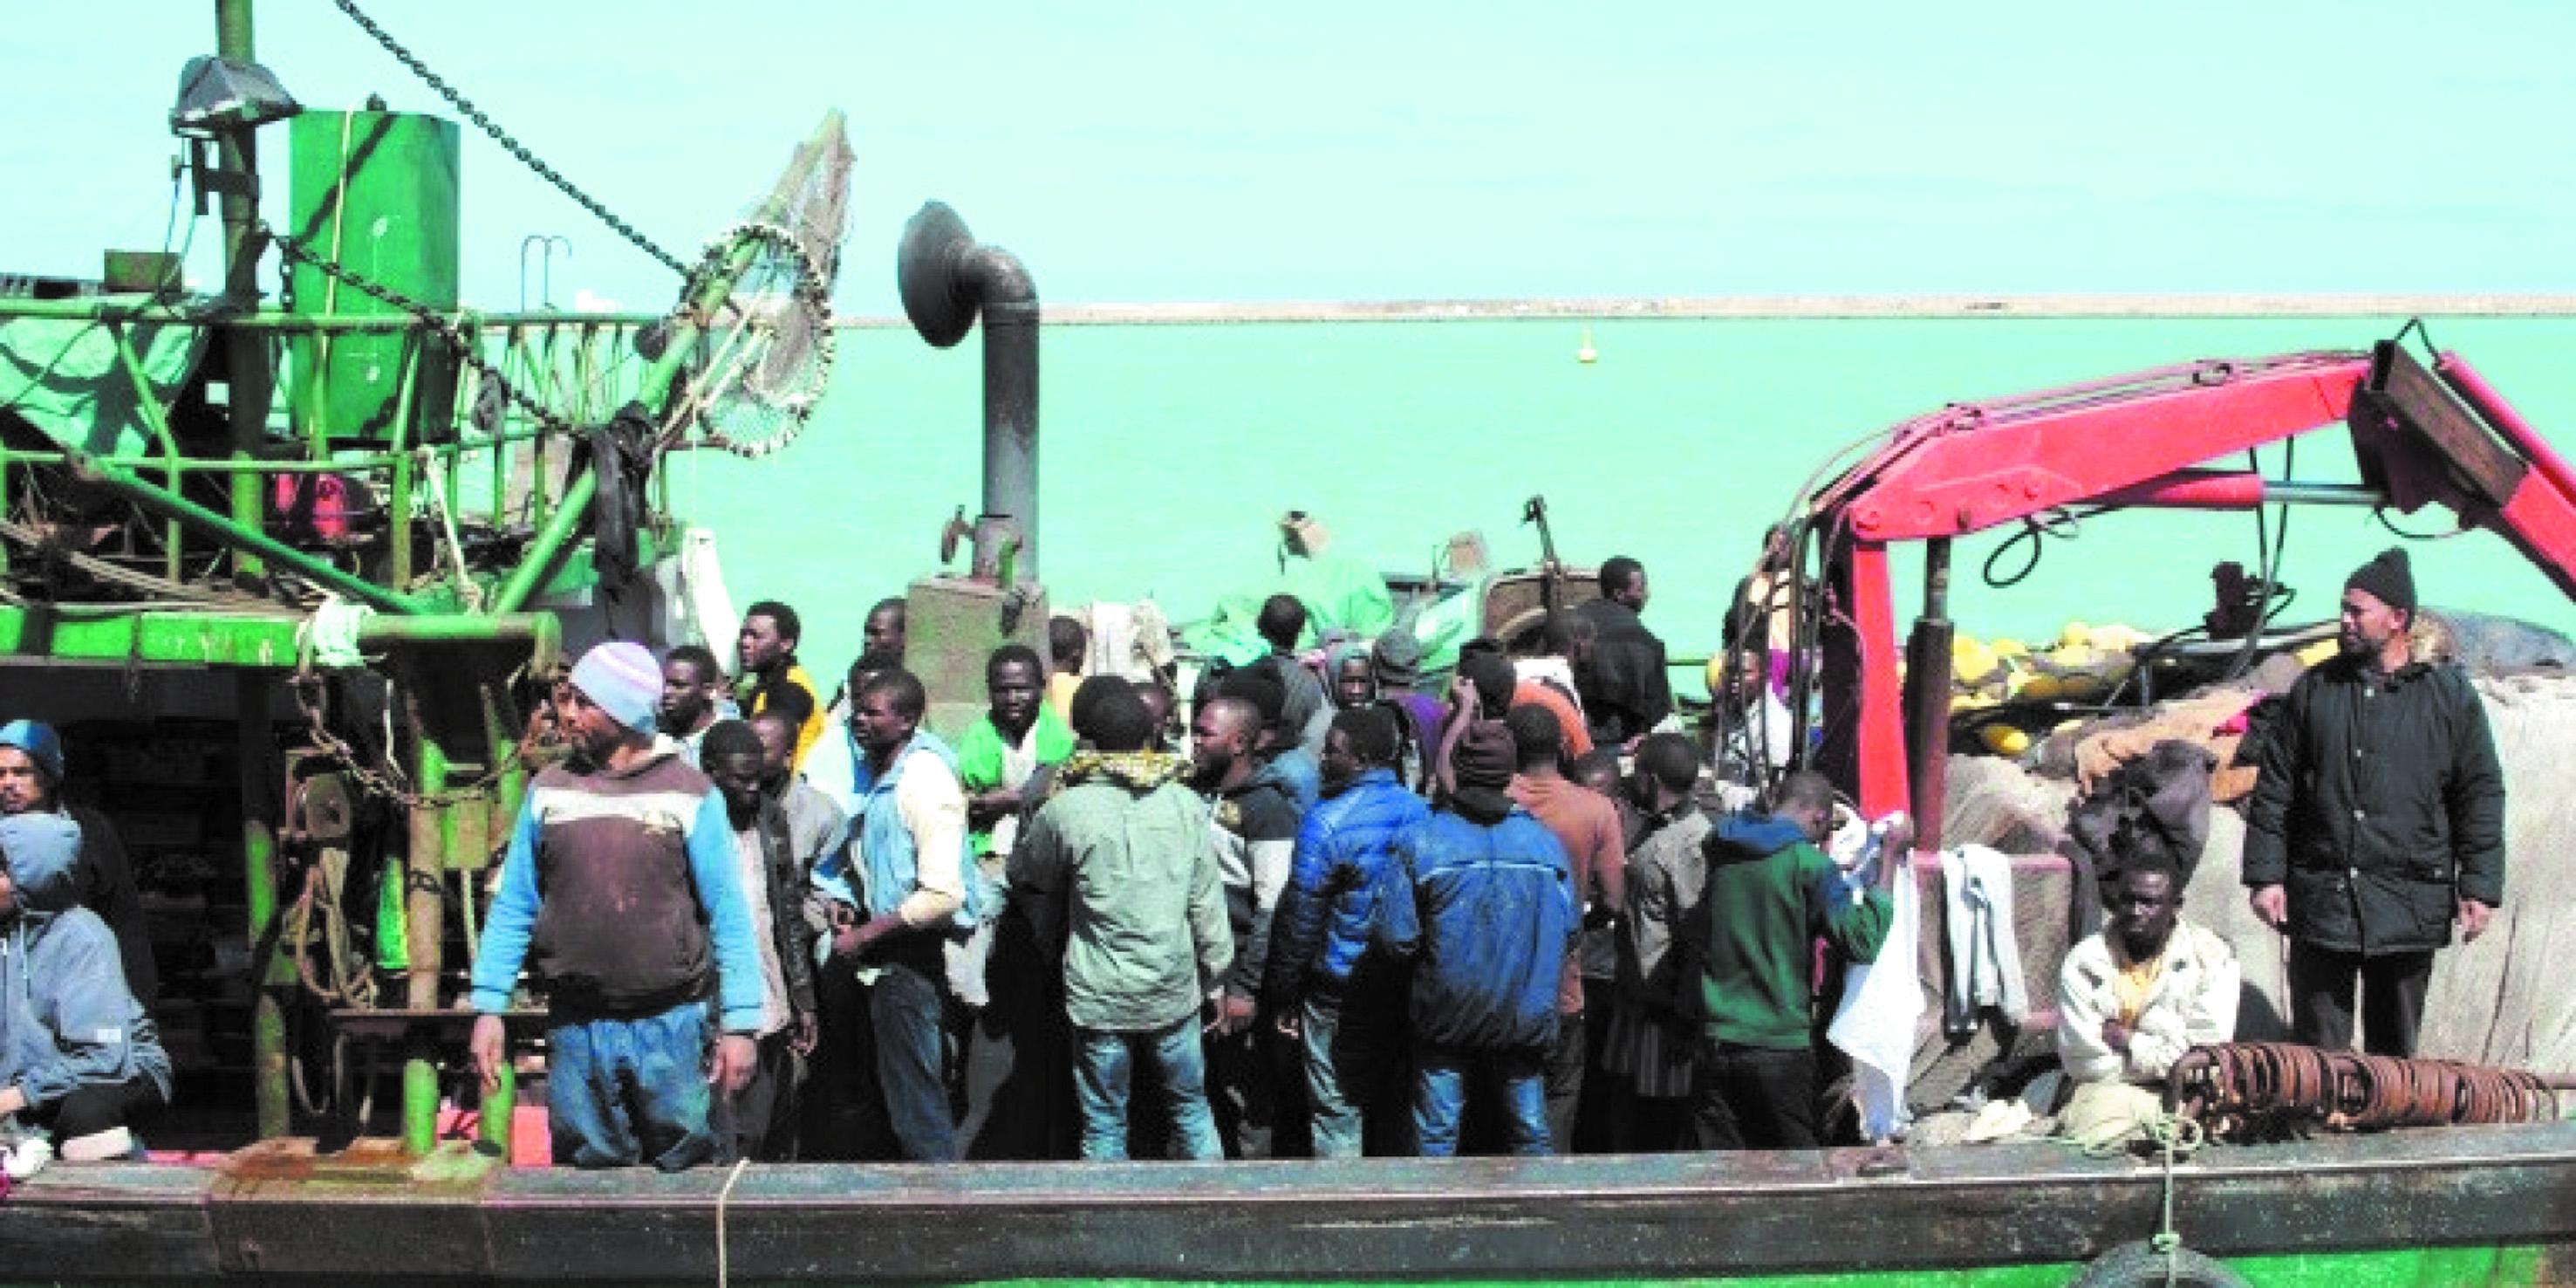 Plus de 4.600 migrants secourus au large de la Libye cette semaine